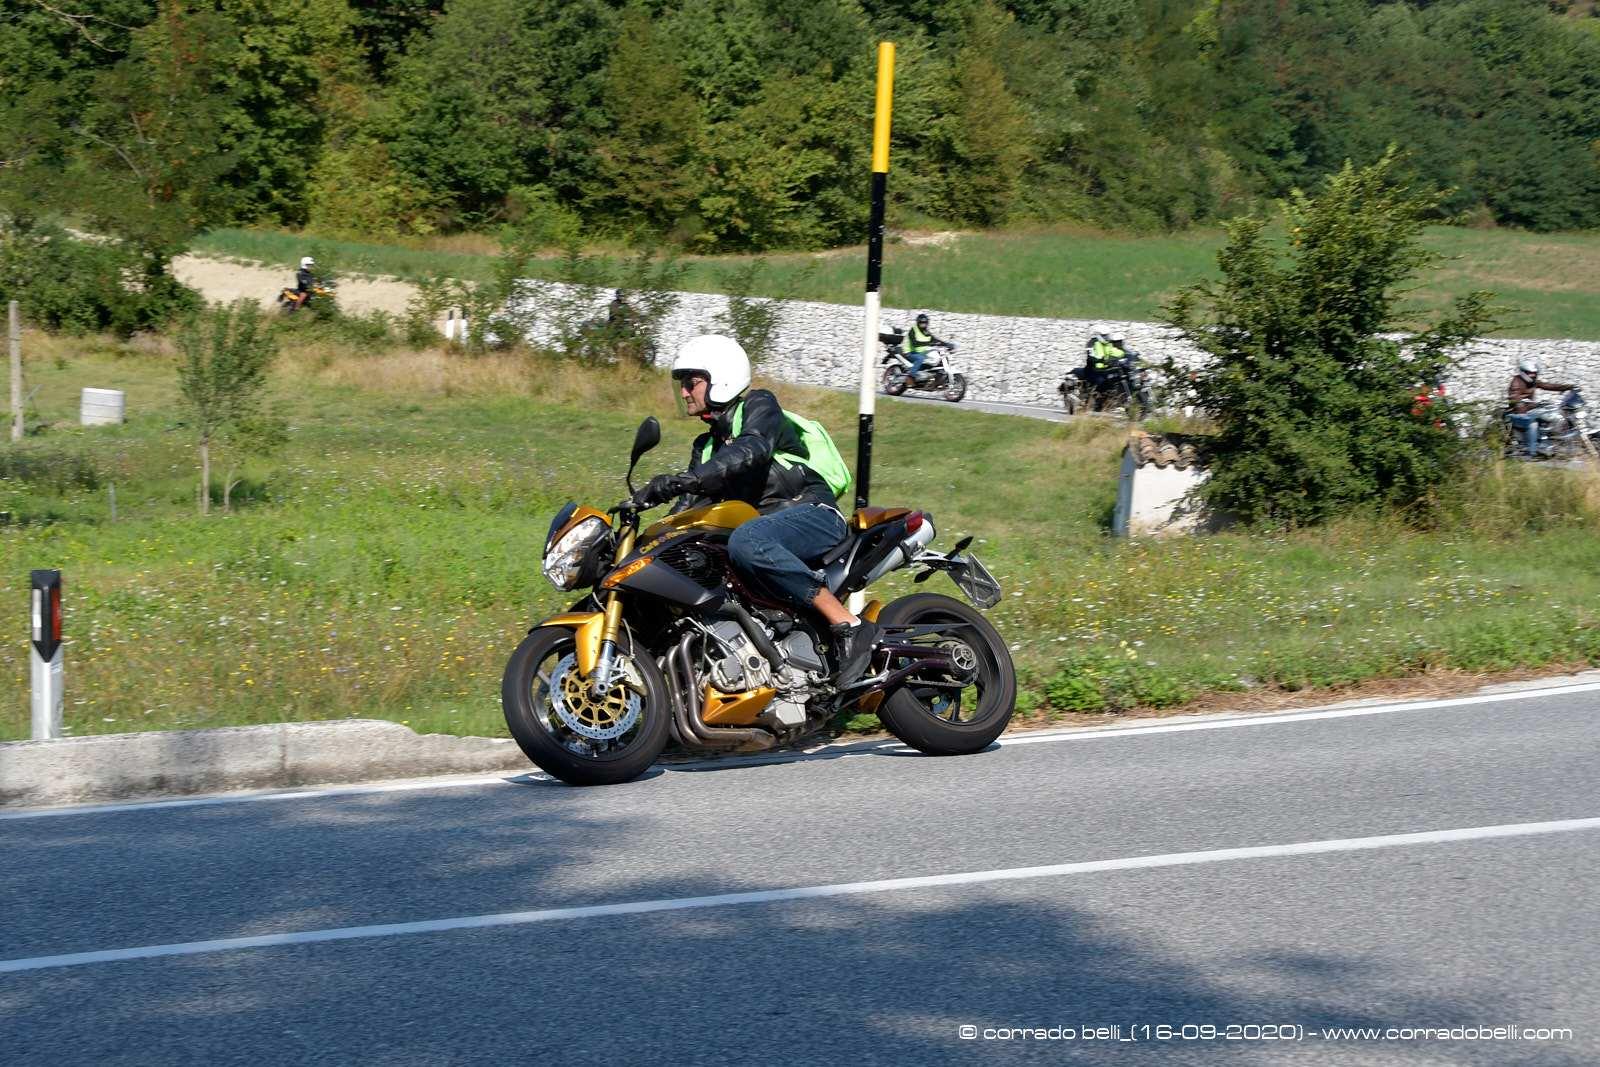 0109-Benelli-Week_16-09-20